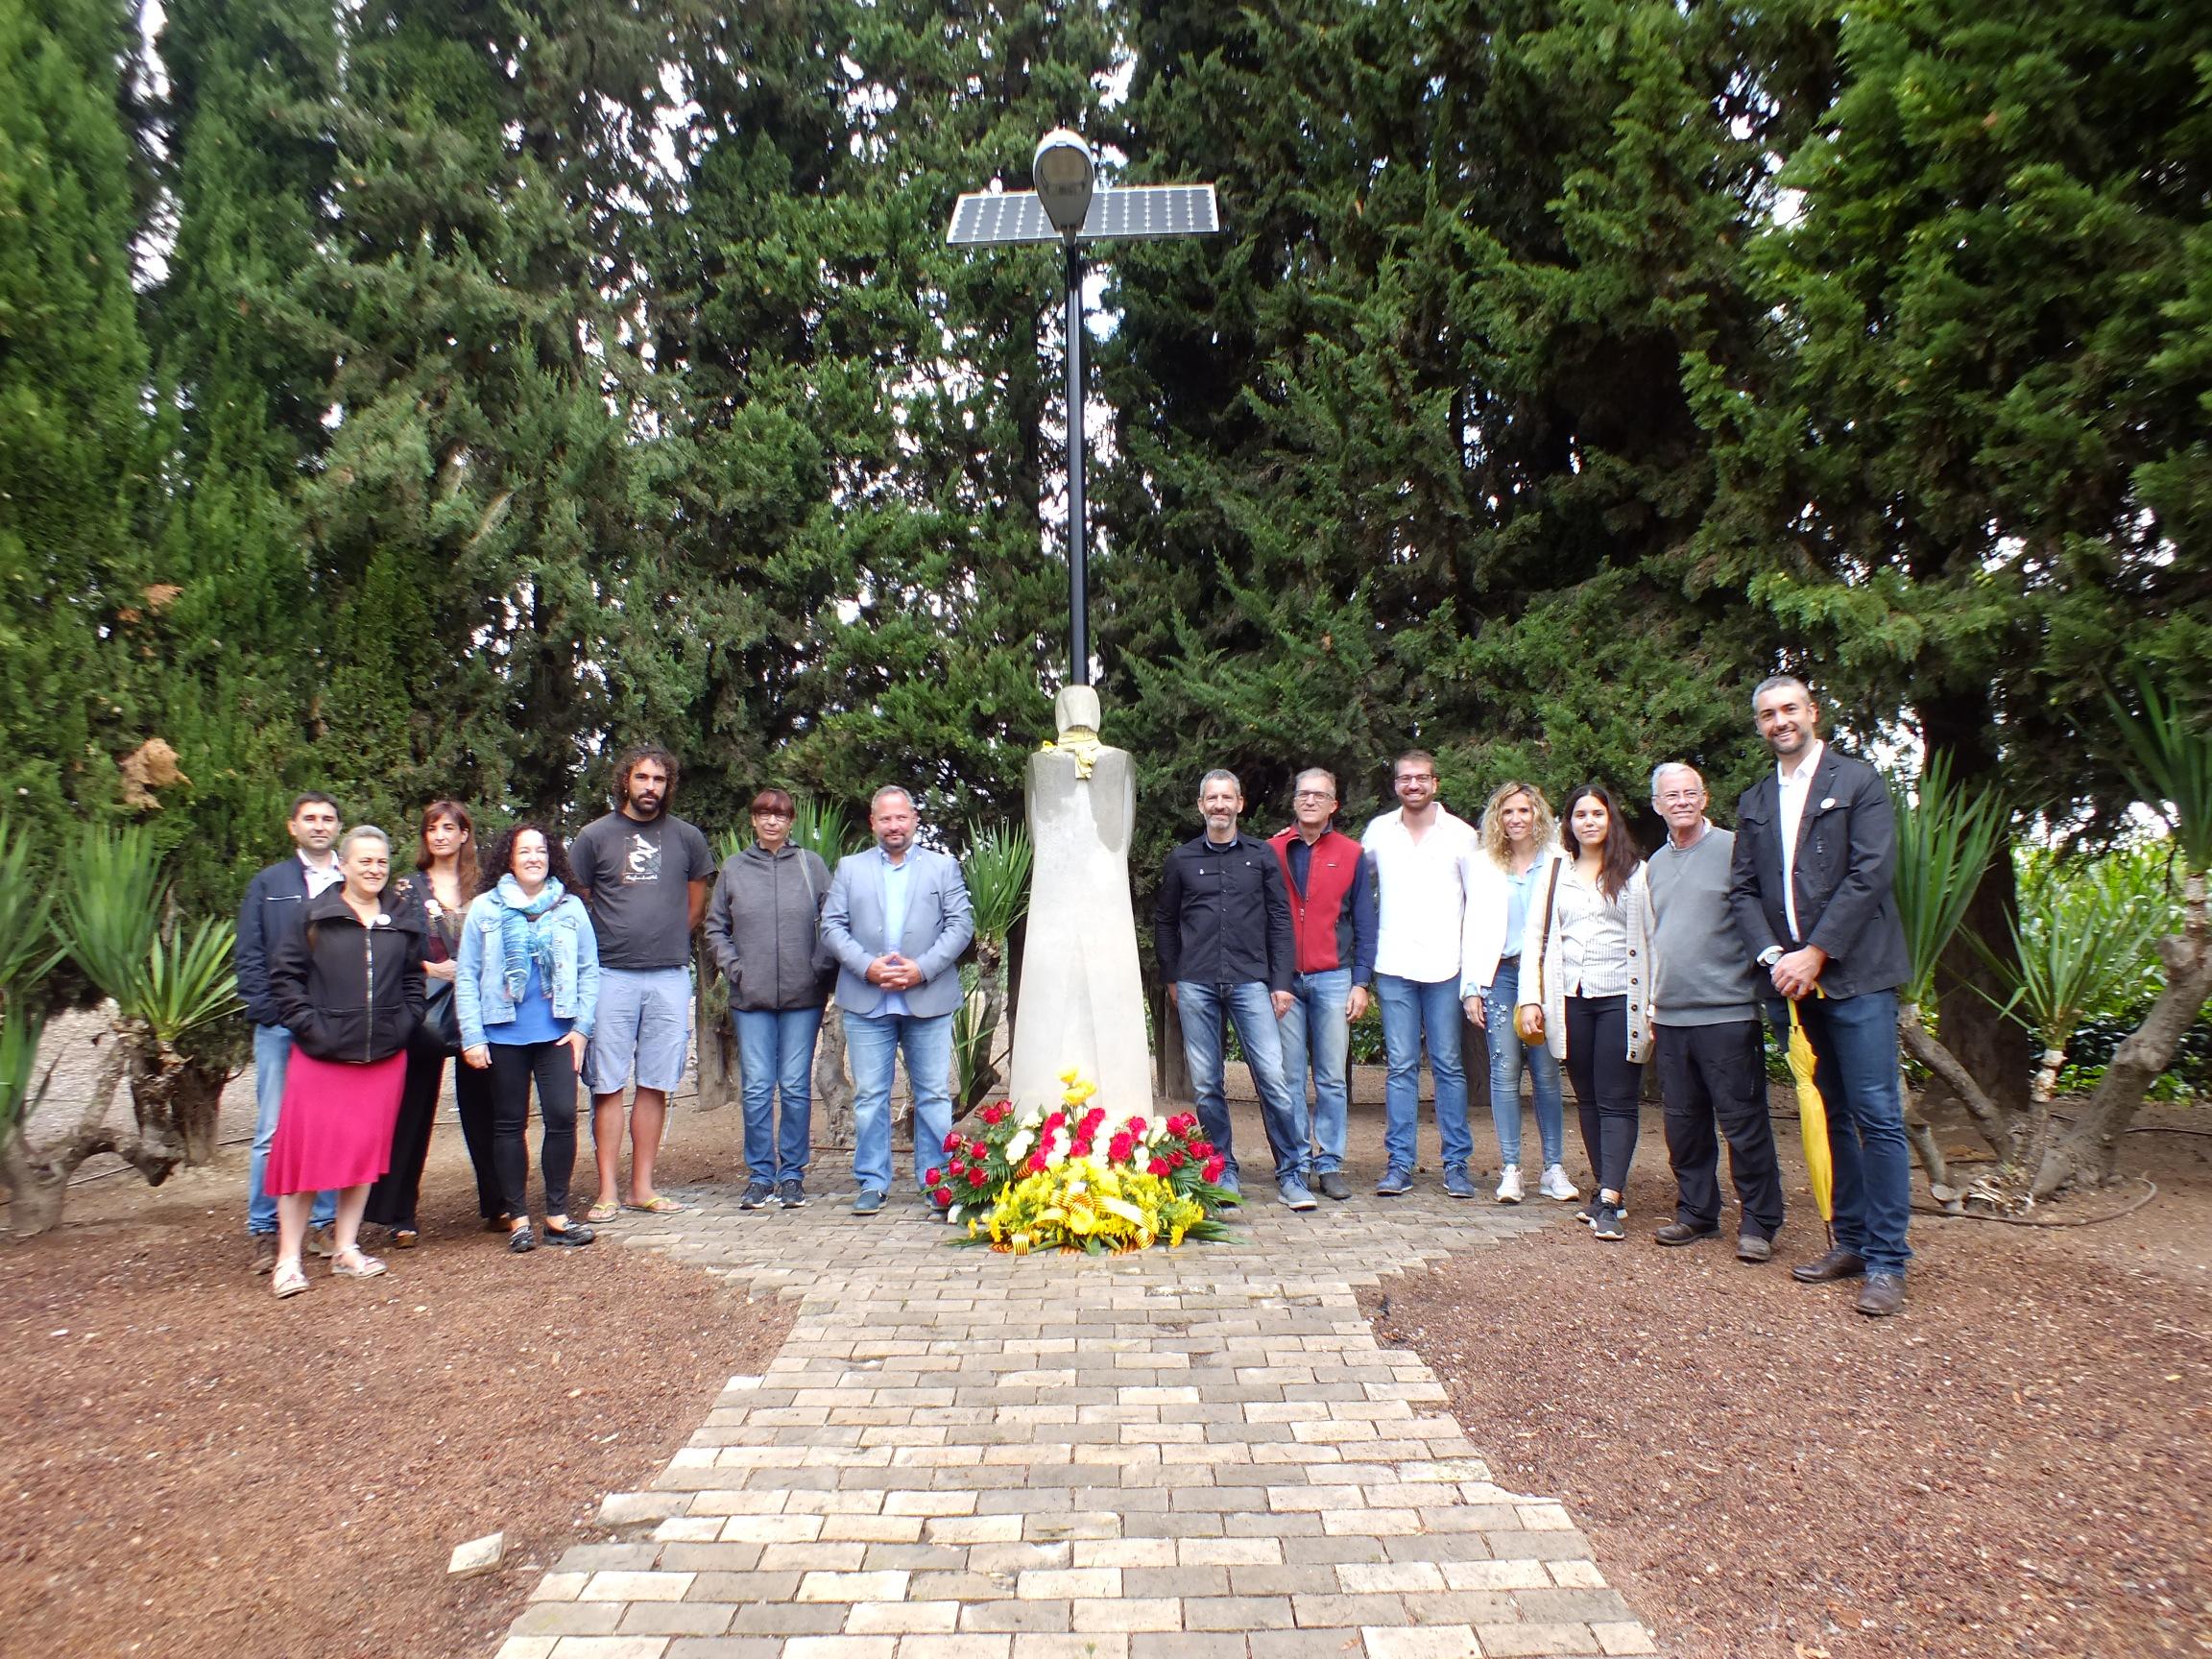 Ofrena floral del Consell Comarcal de l'Urgell al President Companys al Tarròs amb l'absència dels alcaldes de JxCat